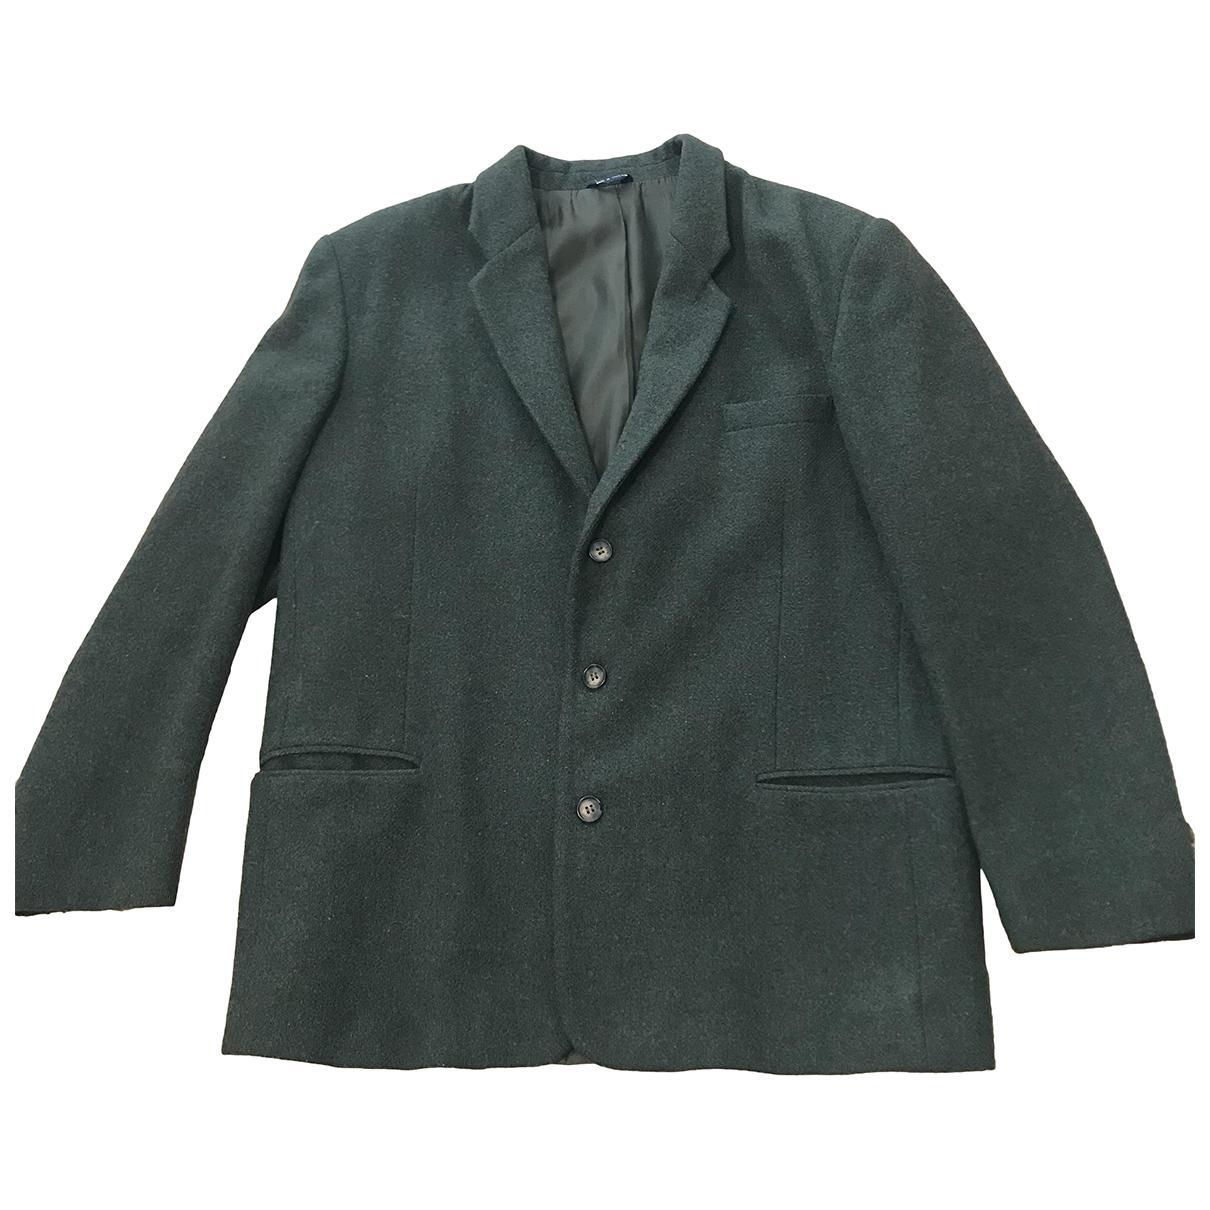 - Vestes.Blousons Epaulettes pour homme en laine - vert